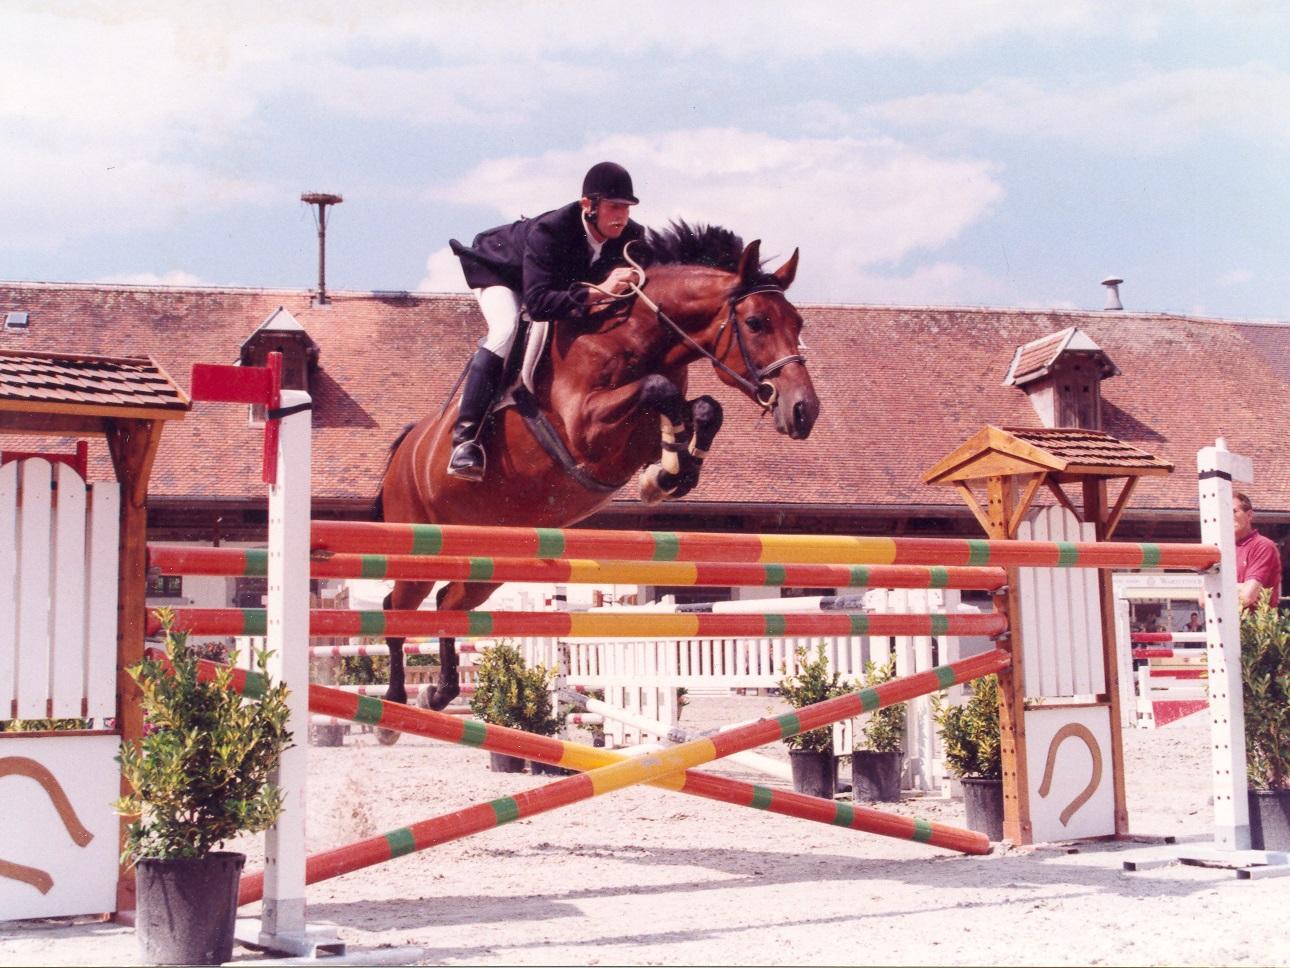 (c) Ziehlispferde.ch